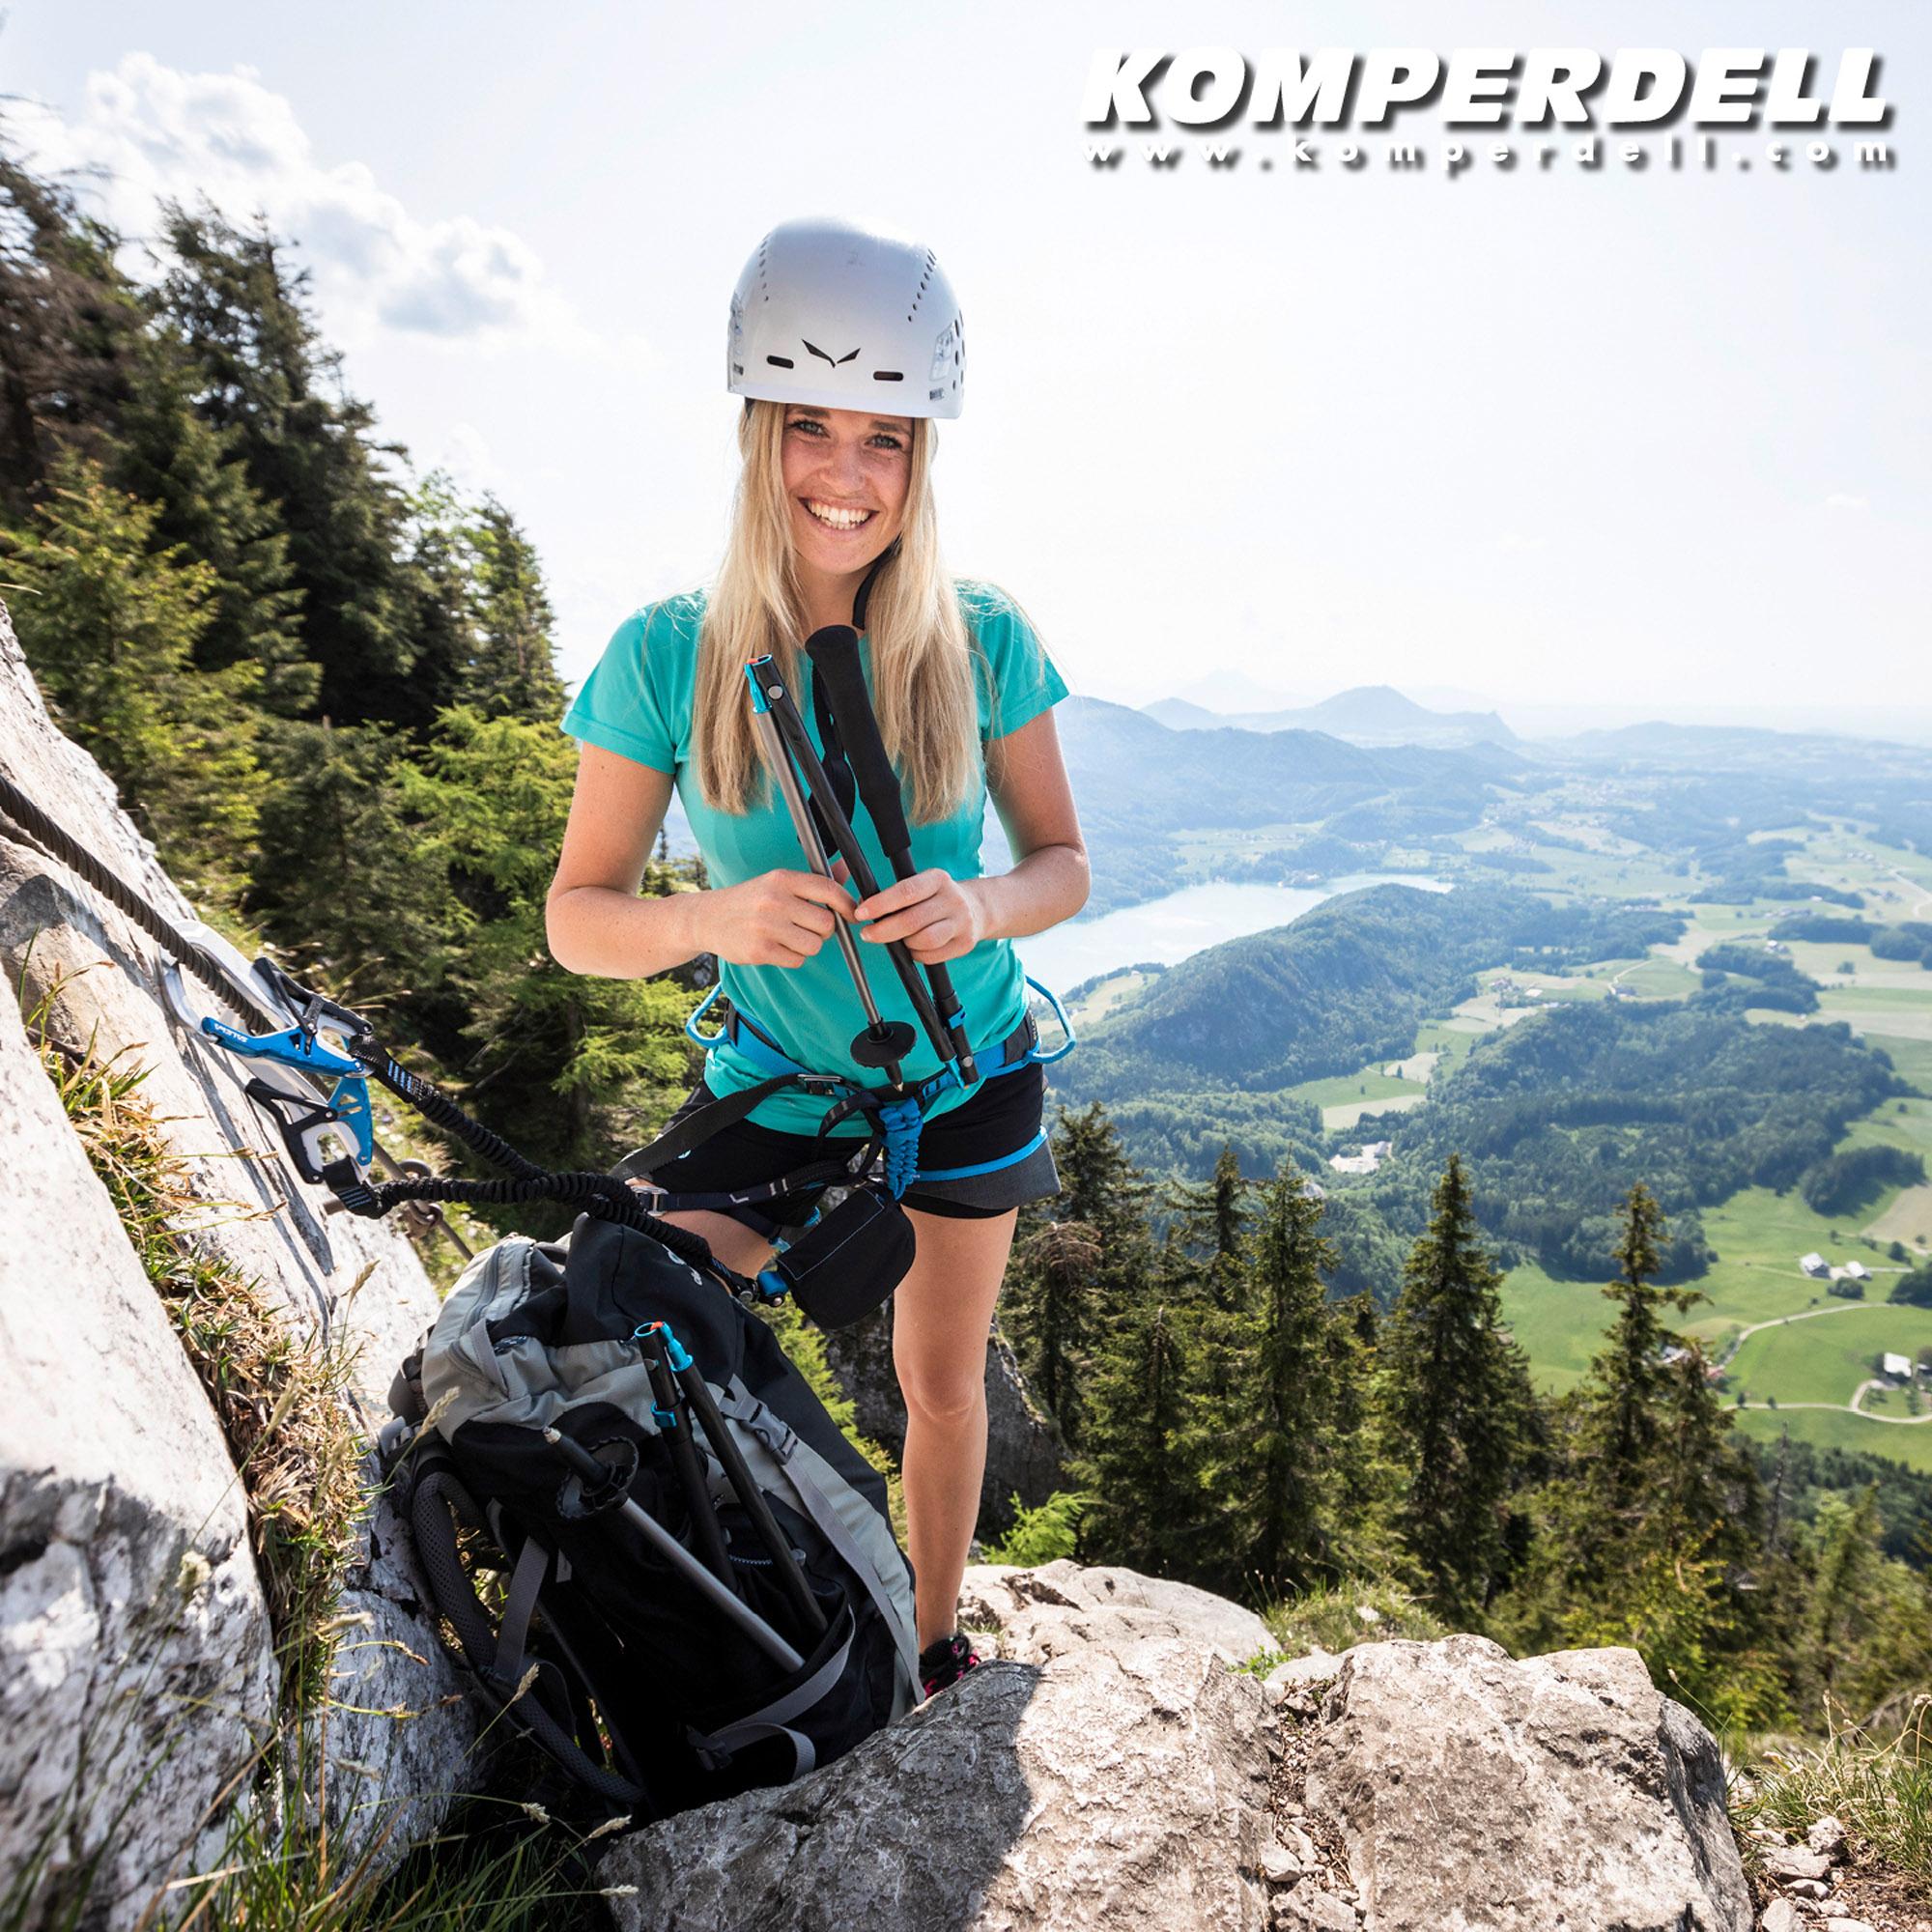 Carbon Trail.FXP Foldable